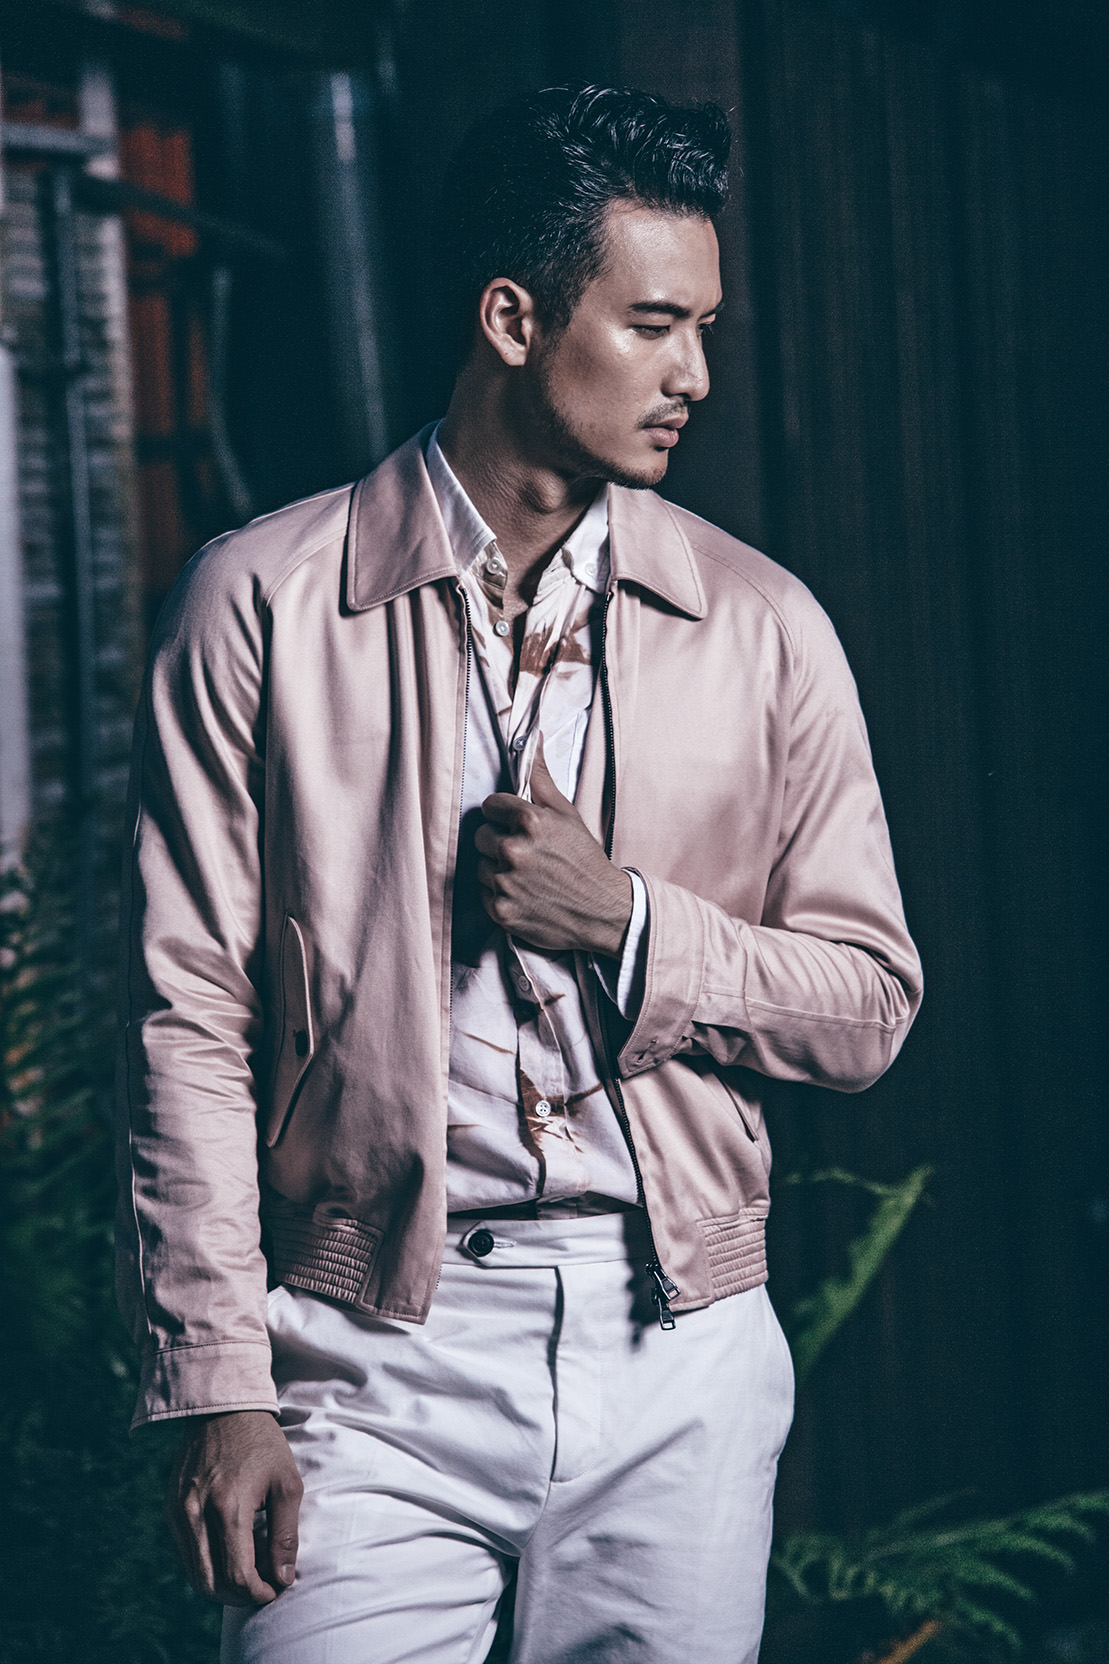 粉色系服裝呈現出男人親切的一面,下搭白色褲款透露出高貴的氣質。